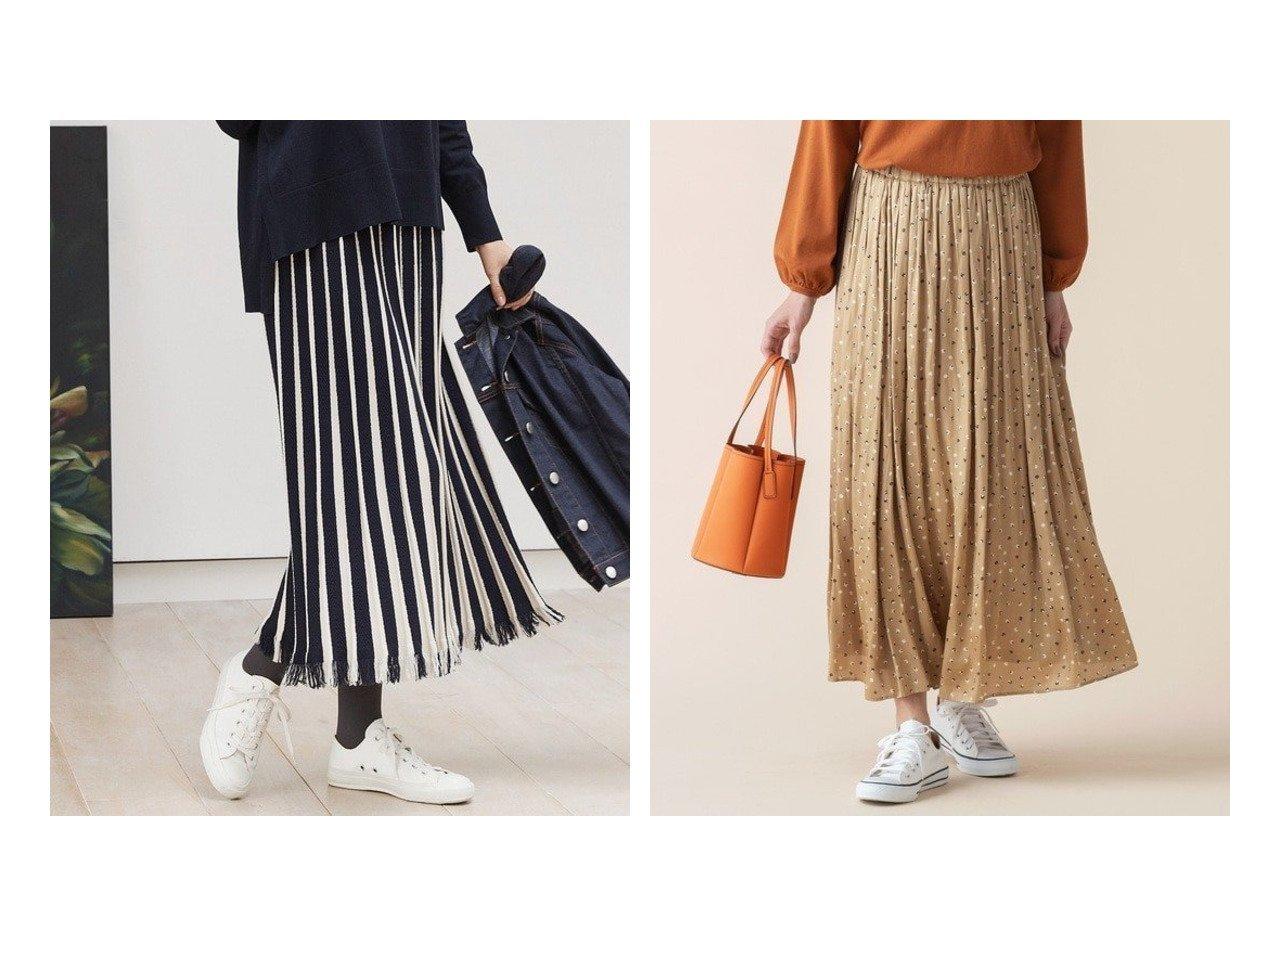 【KUMIKYOKU/組曲】の【洗える】ウールストレッチ ヘリンボーン ニットスカ―ト&【洗える】ヴィンテージサテンギャザープリント スカート スカートのおすすめ!人気、トレンド・レディースファッションの通販  おすすめで人気の流行・トレンド、ファッションの通販商品 メンズファッション・キッズファッション・インテリア・家具・レディースファッション・服の通販 founy(ファニー) https://founy.com/ ファッション Fashion レディースファッション WOMEN スカート Skirt 洗える カットソー ストライプ ストレッチ セットアップ フリンジ ヘリンボーン A/W 秋冬 AW Autumn/Winter / FW Fall-Winter 2020年 2020 2020-2021 秋冬 A/W AW Autumn/Winter / FW Fall-Winter 2020-2021 送料無料 Free Shipping |ID:crp329100000009746